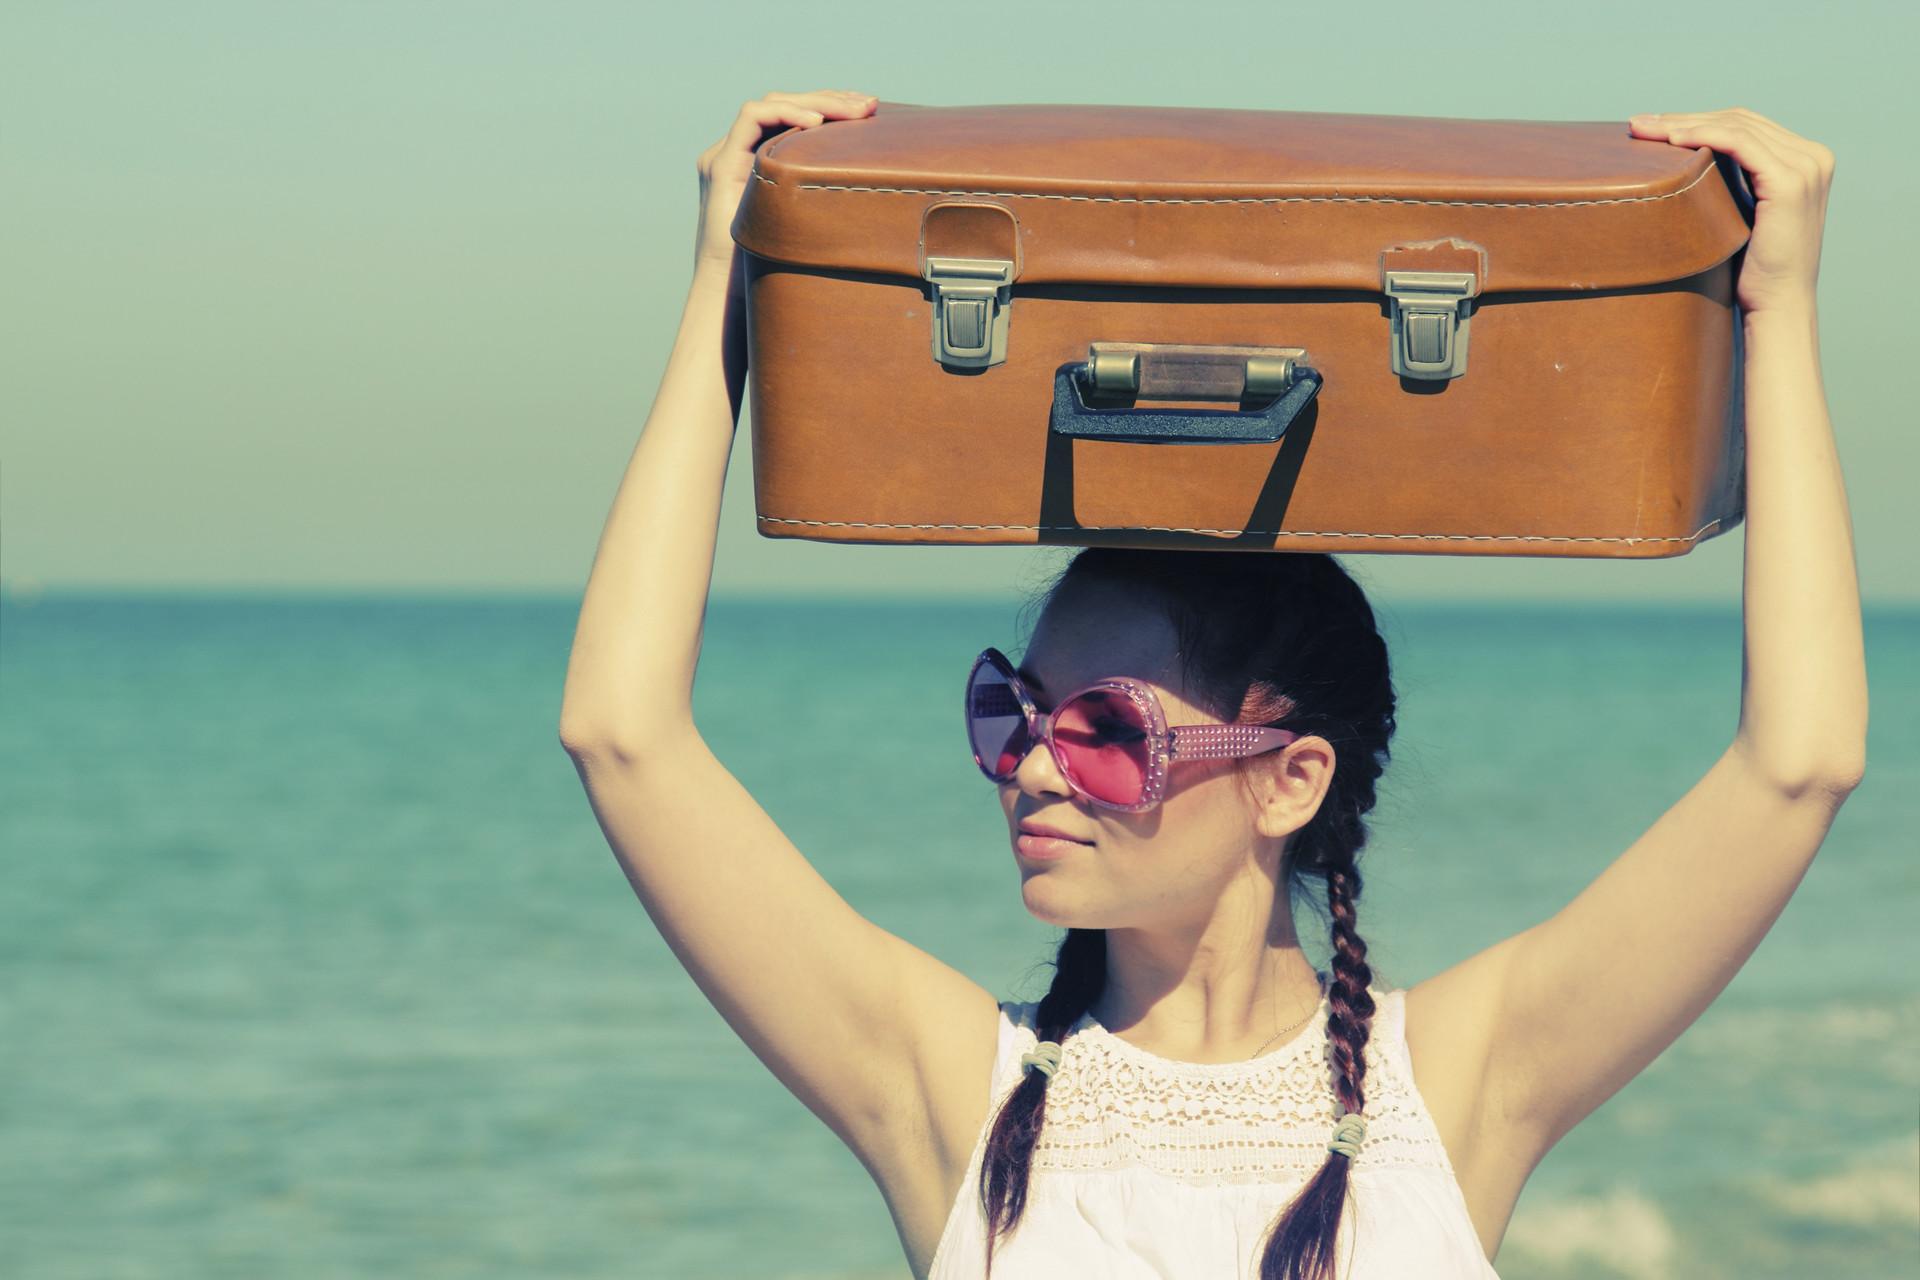 фото с чемоданом на море происходит